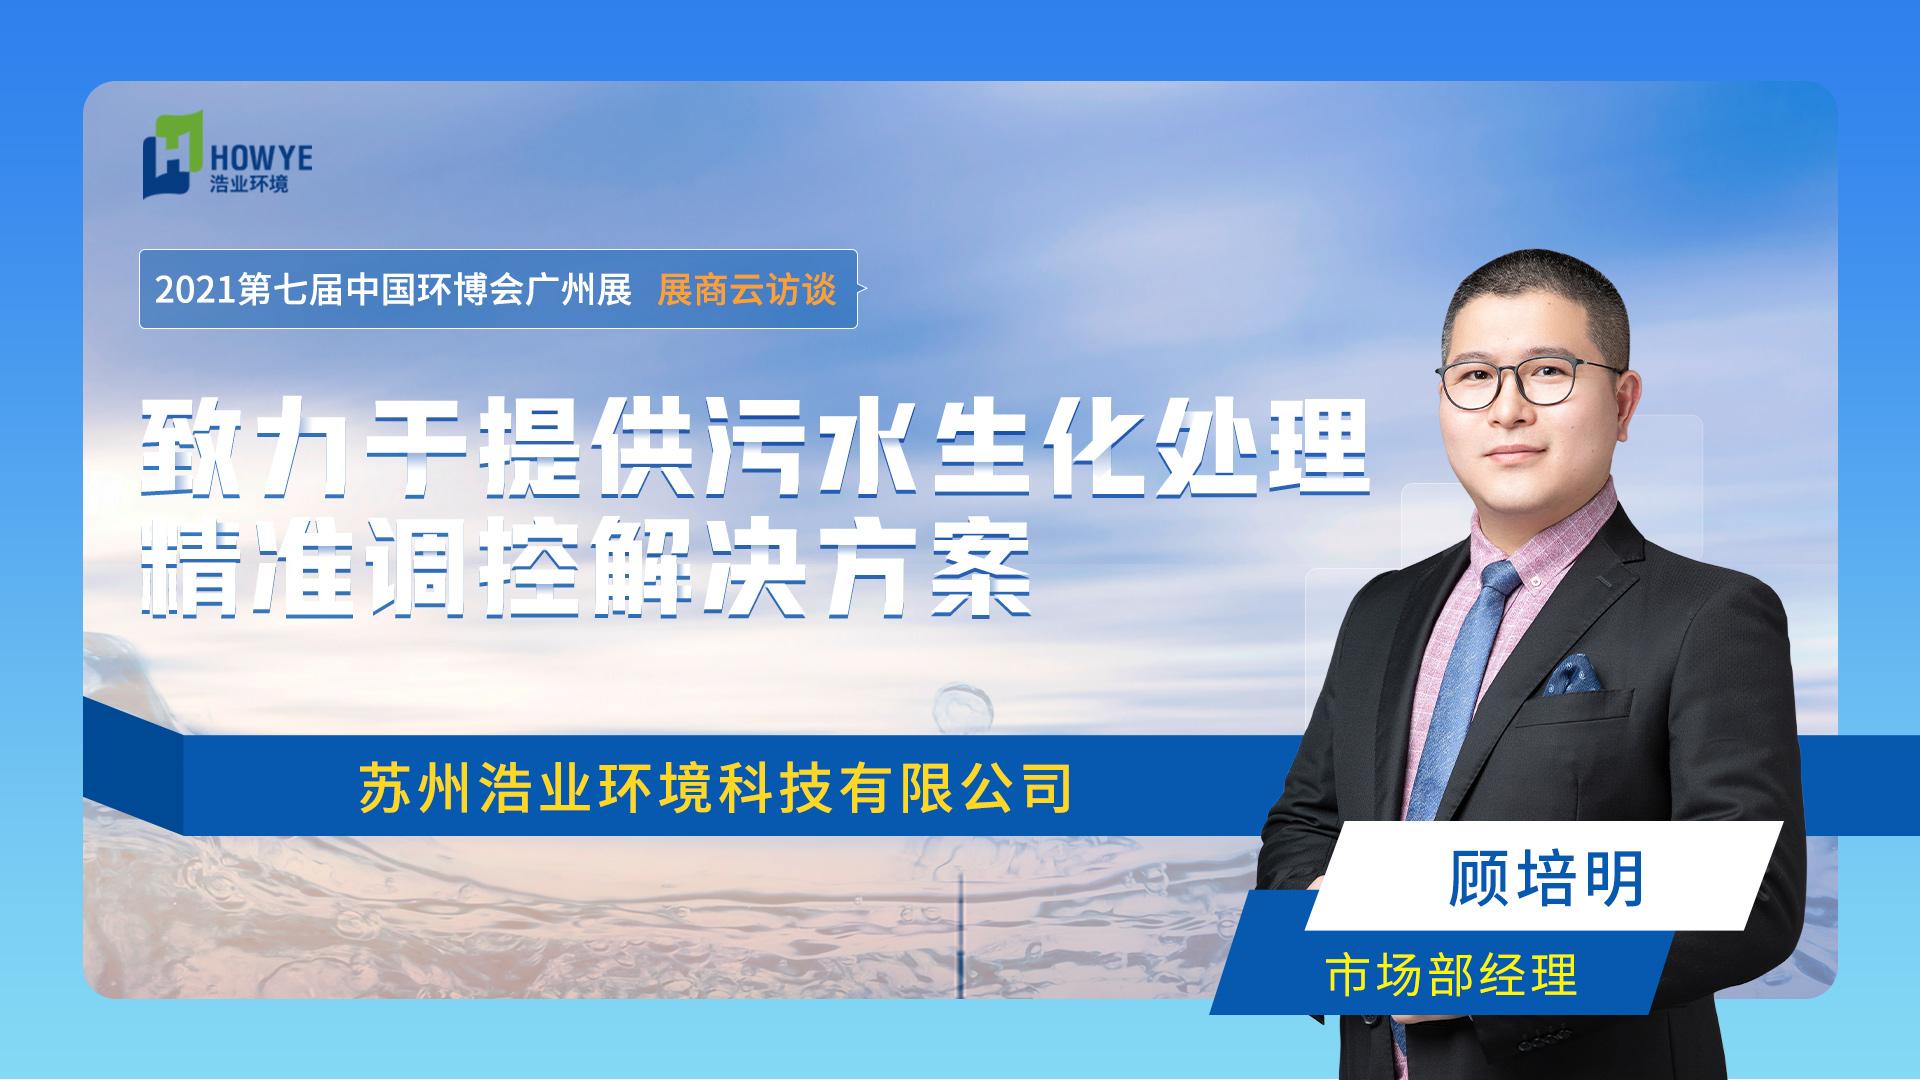 专注污水生化处理领域,浩业环境亮相2021中国环博会广州展